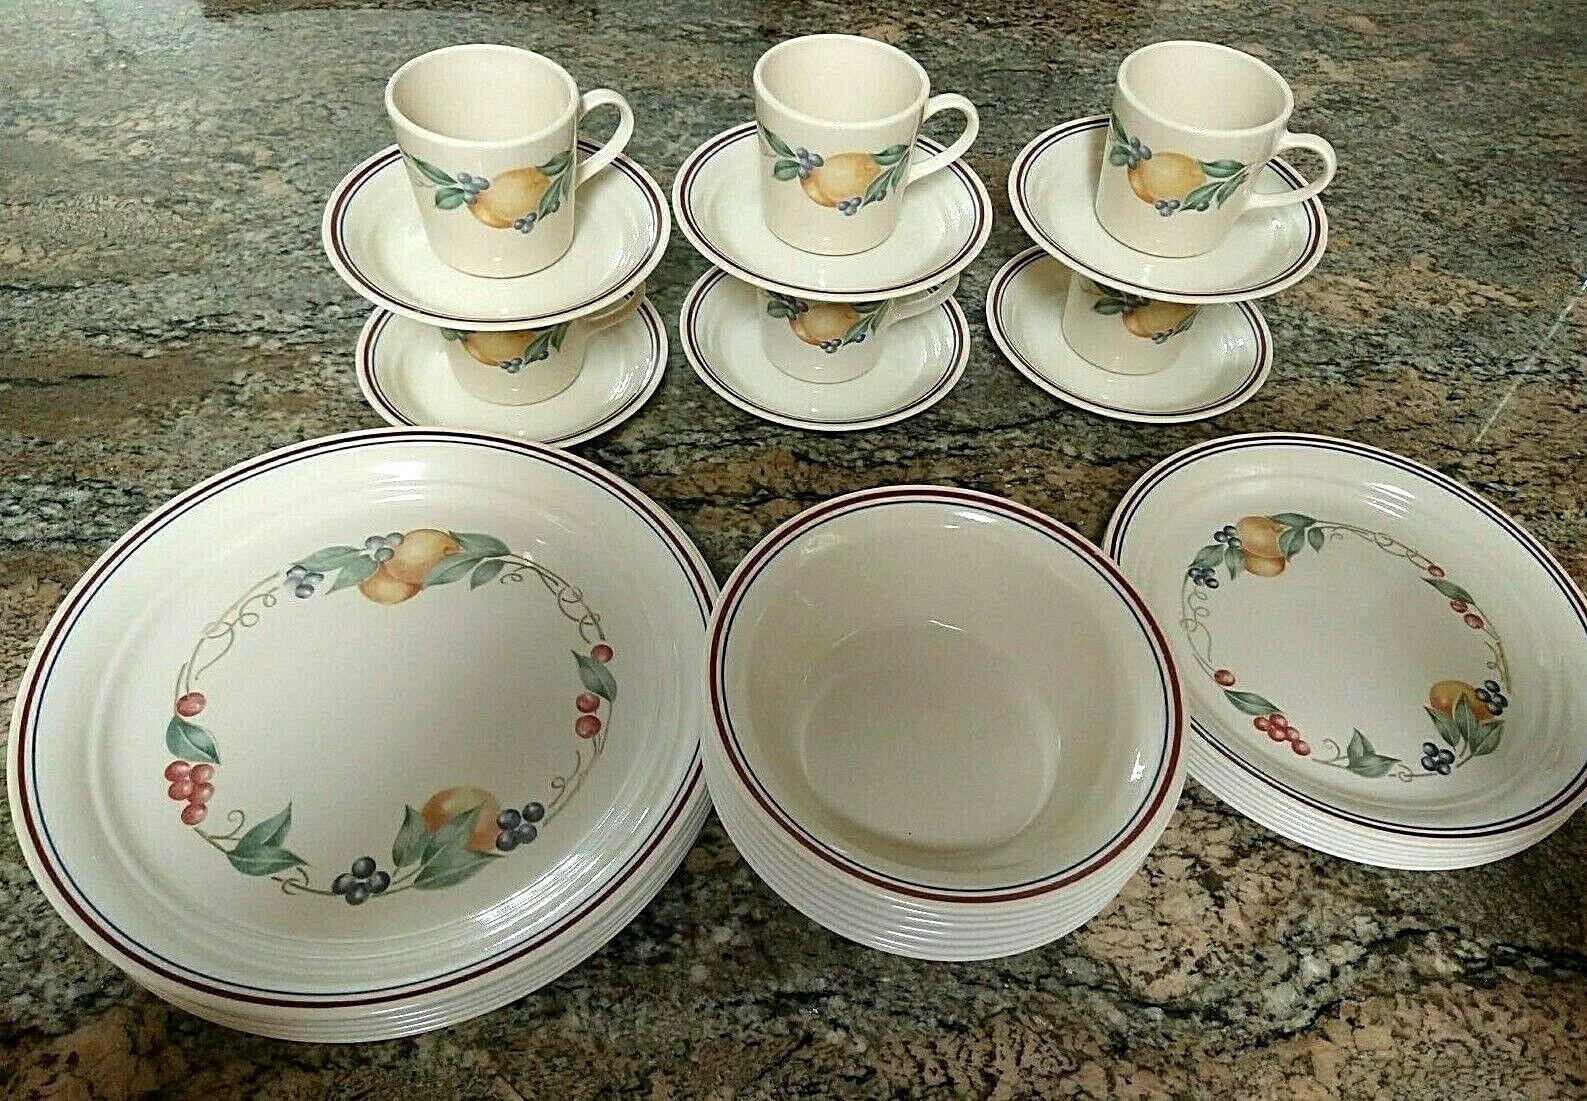 Vtg. Corelle Abundance Dinnerware set ~ 30 Pc. Service for 6